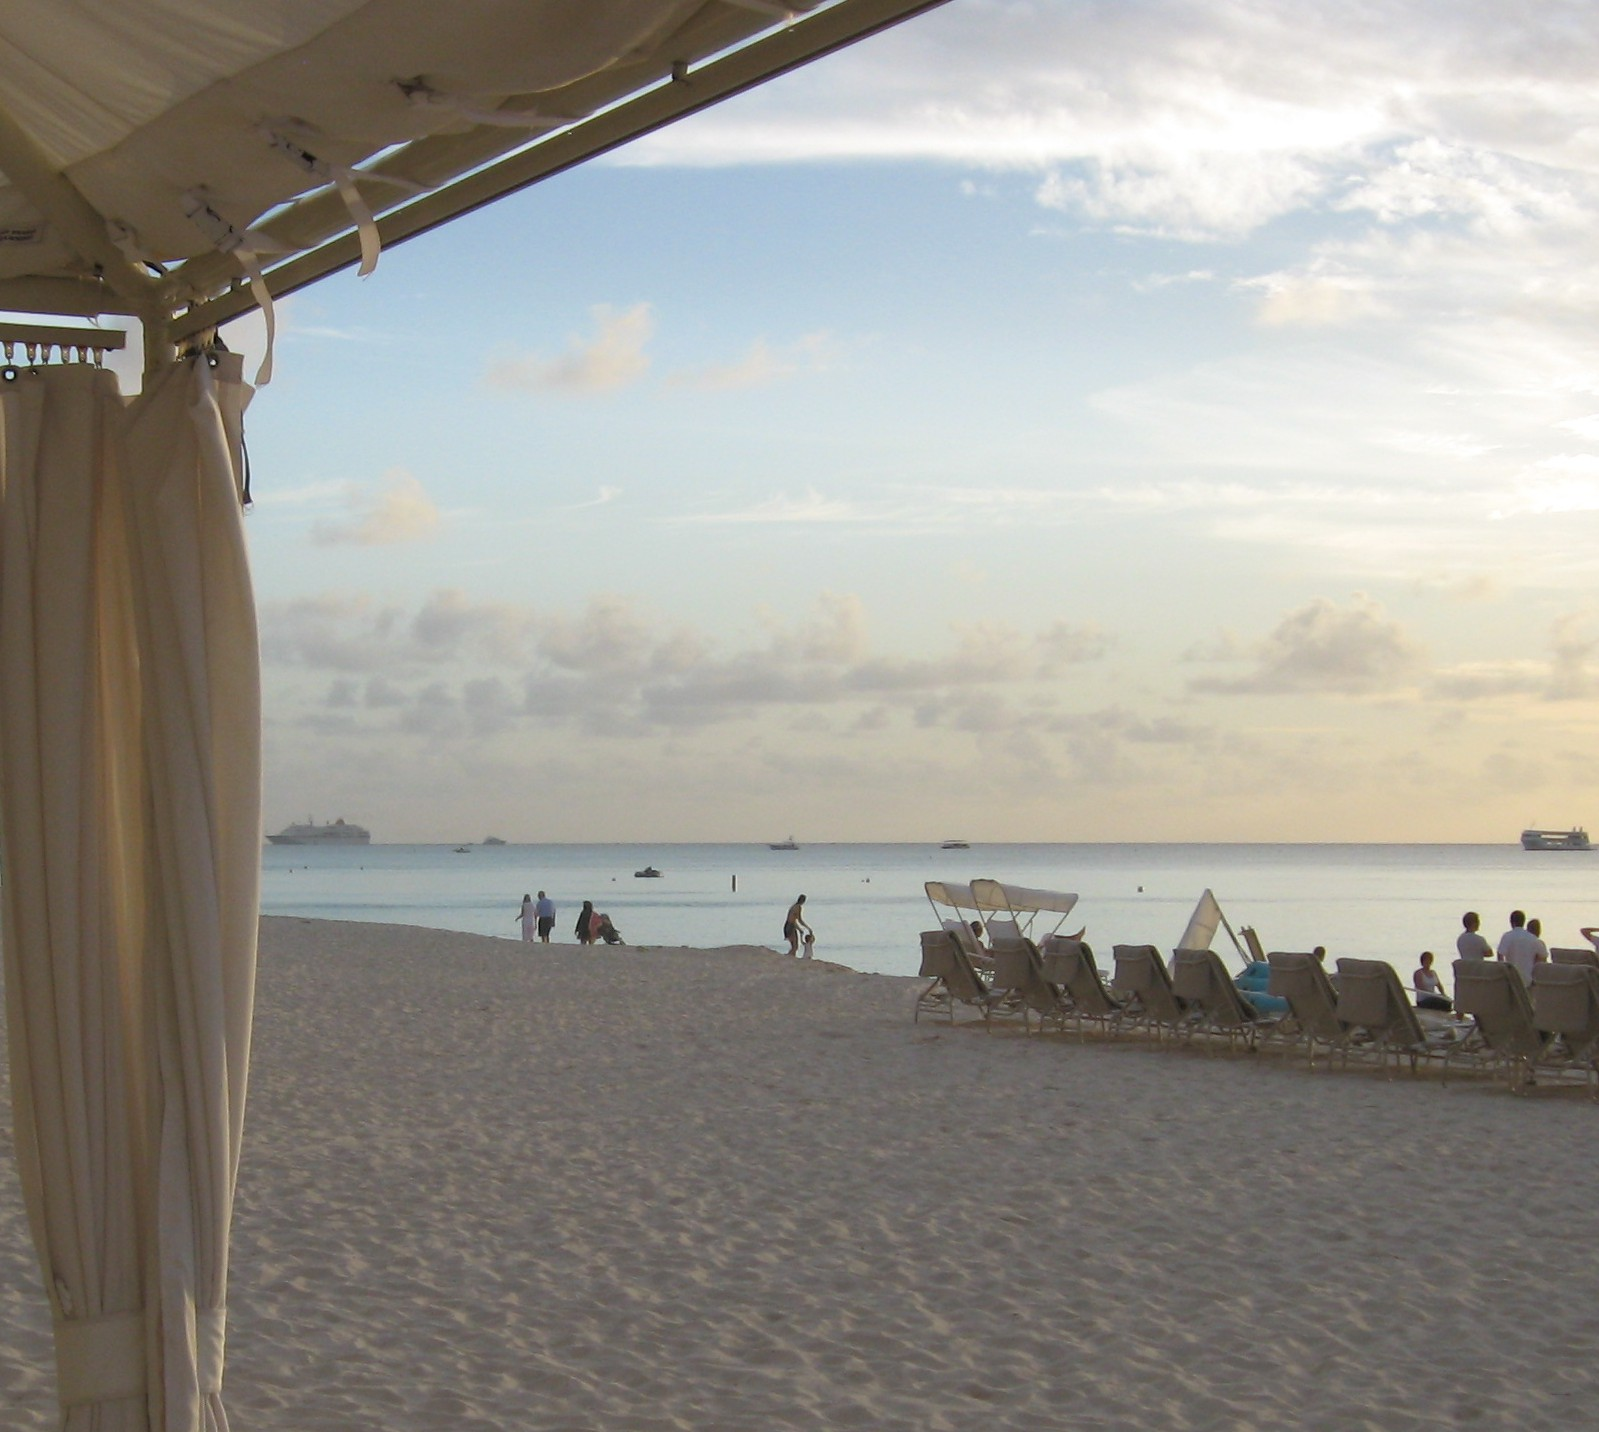 Beach View, Cayman Islands